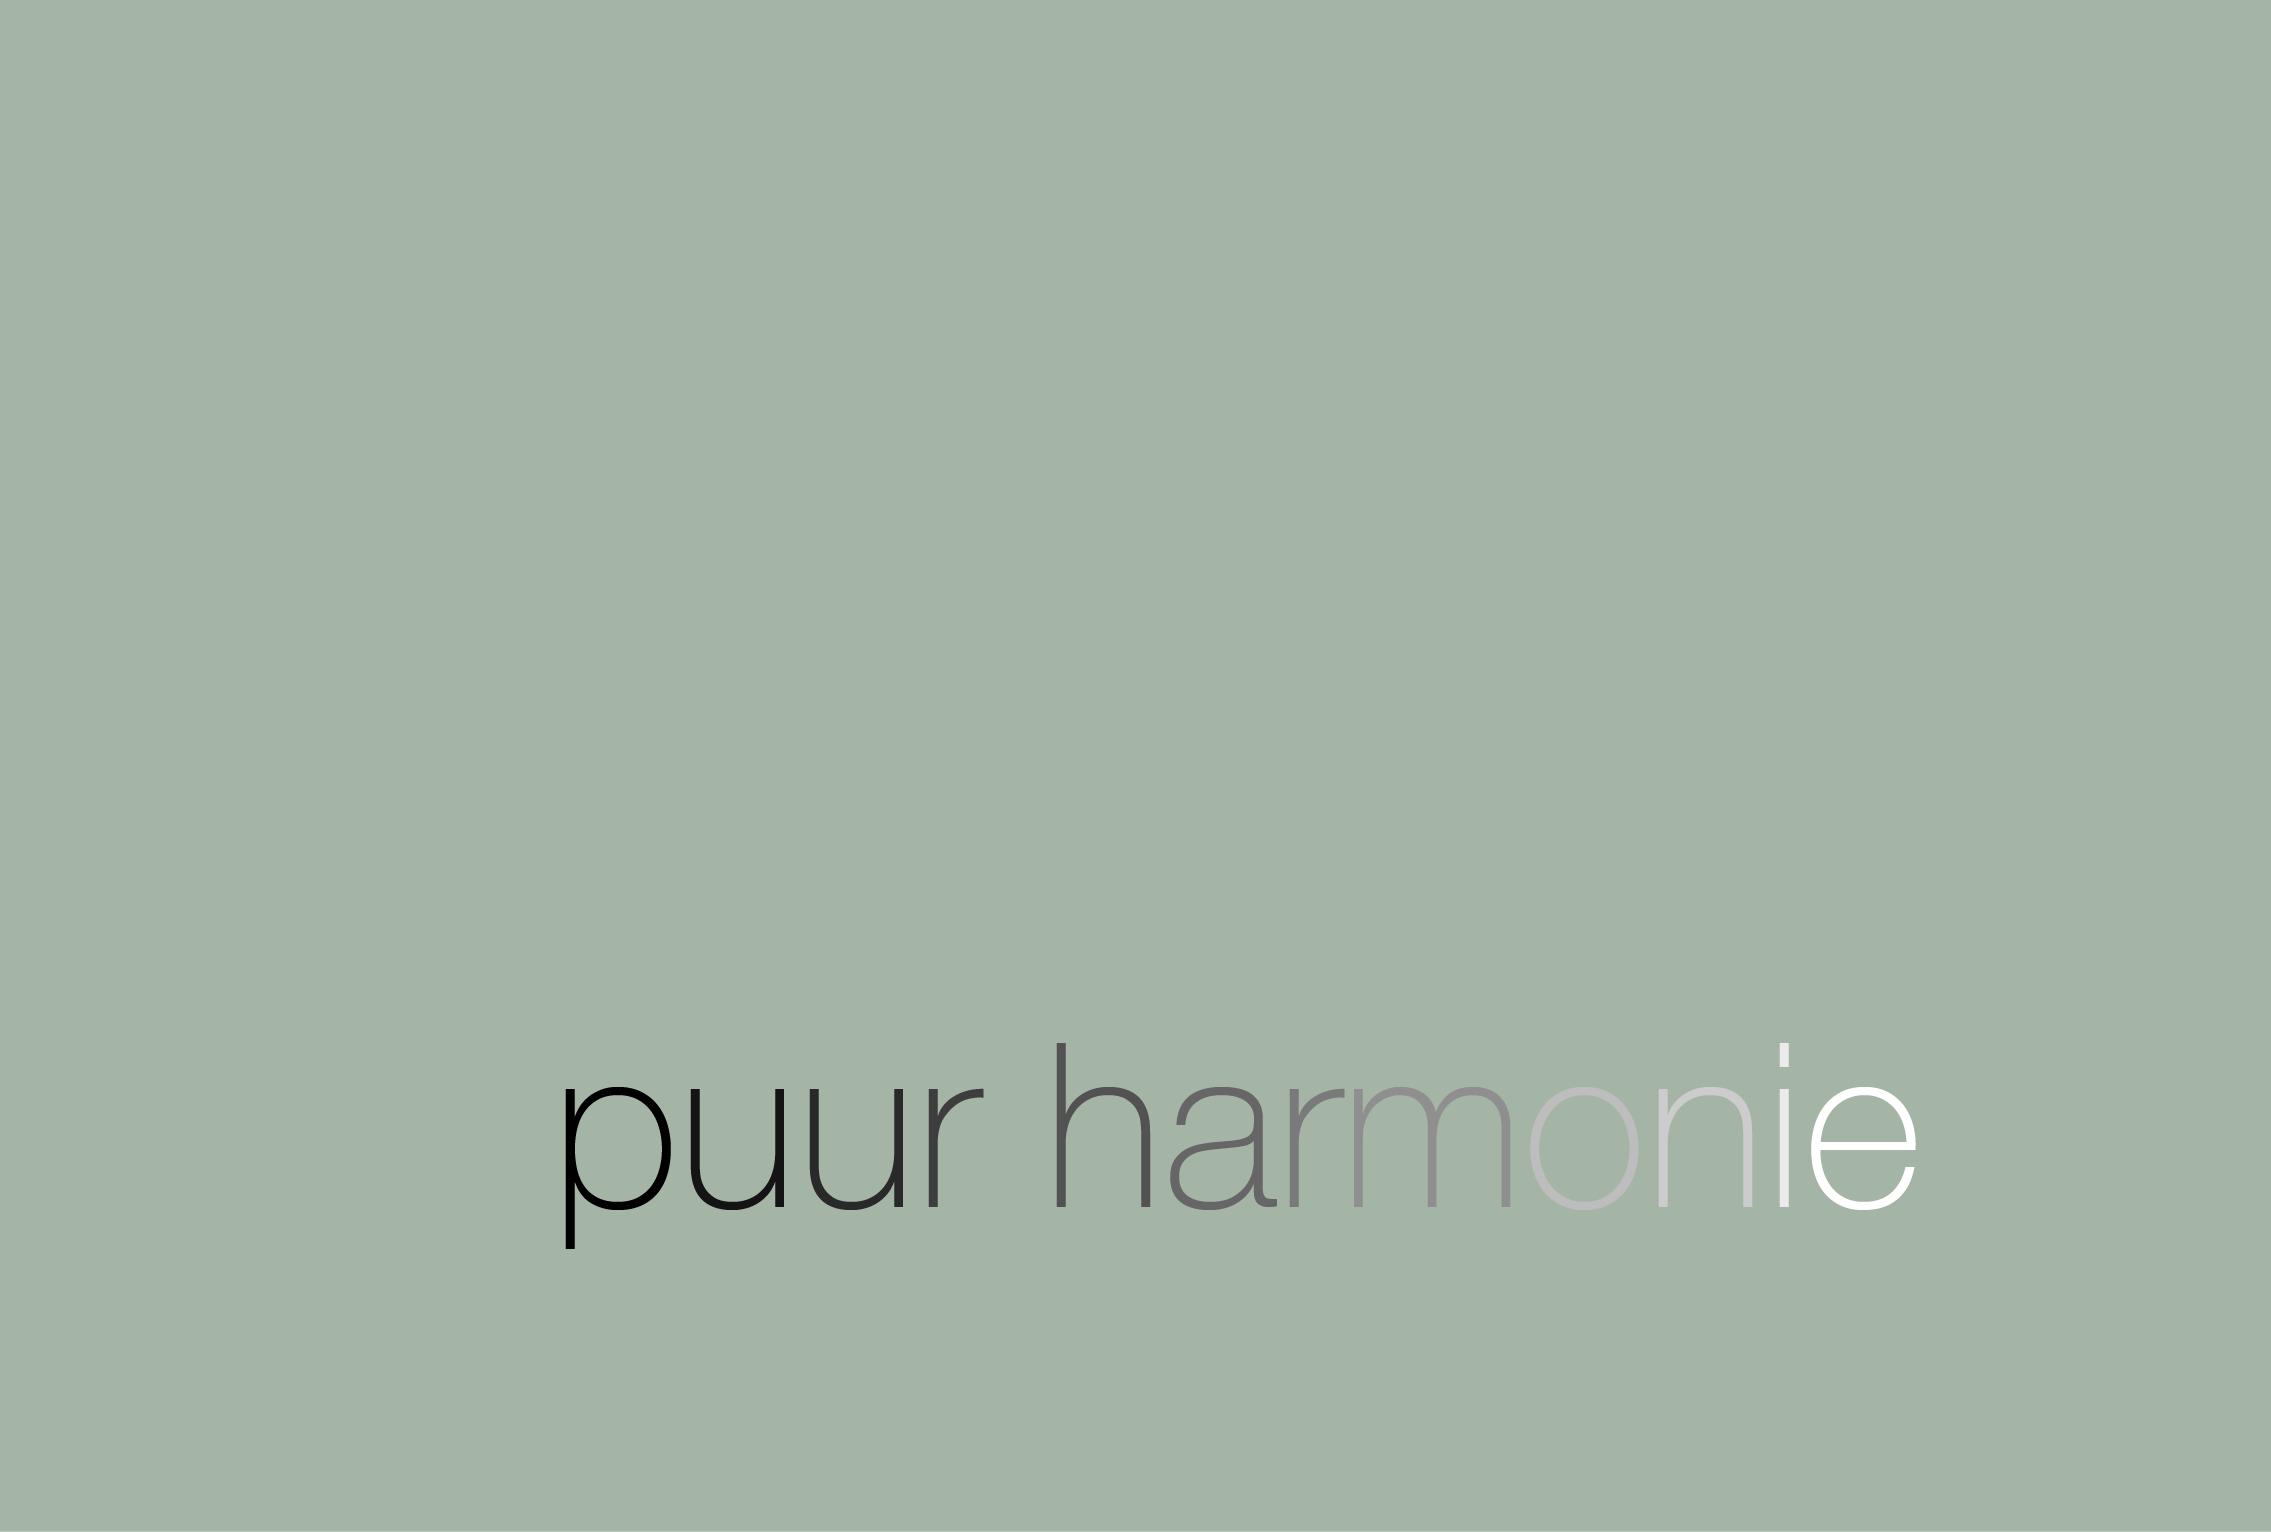 puur harmonie_groen-grijs.jpg